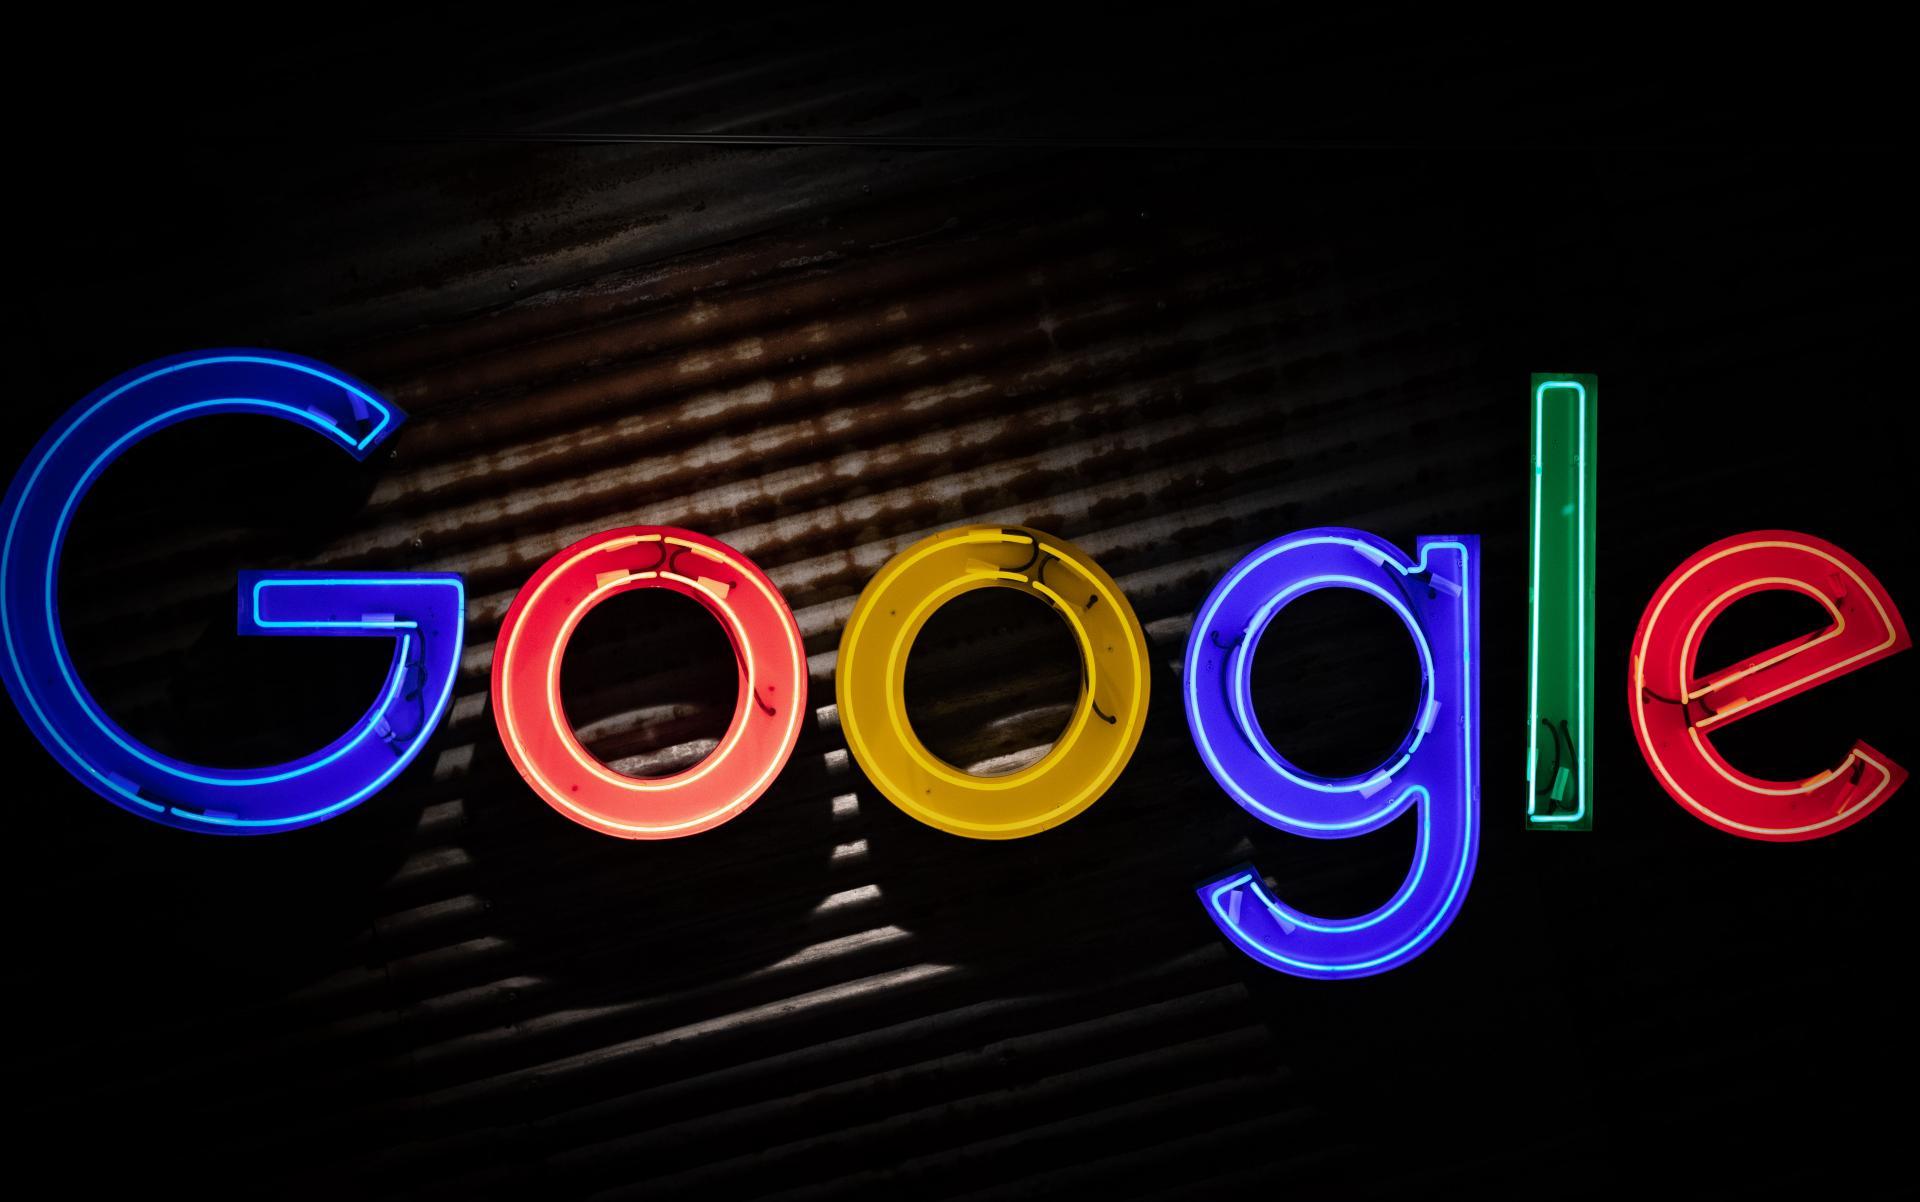 Большая часть сервисов Google недоступна из-за сбоя